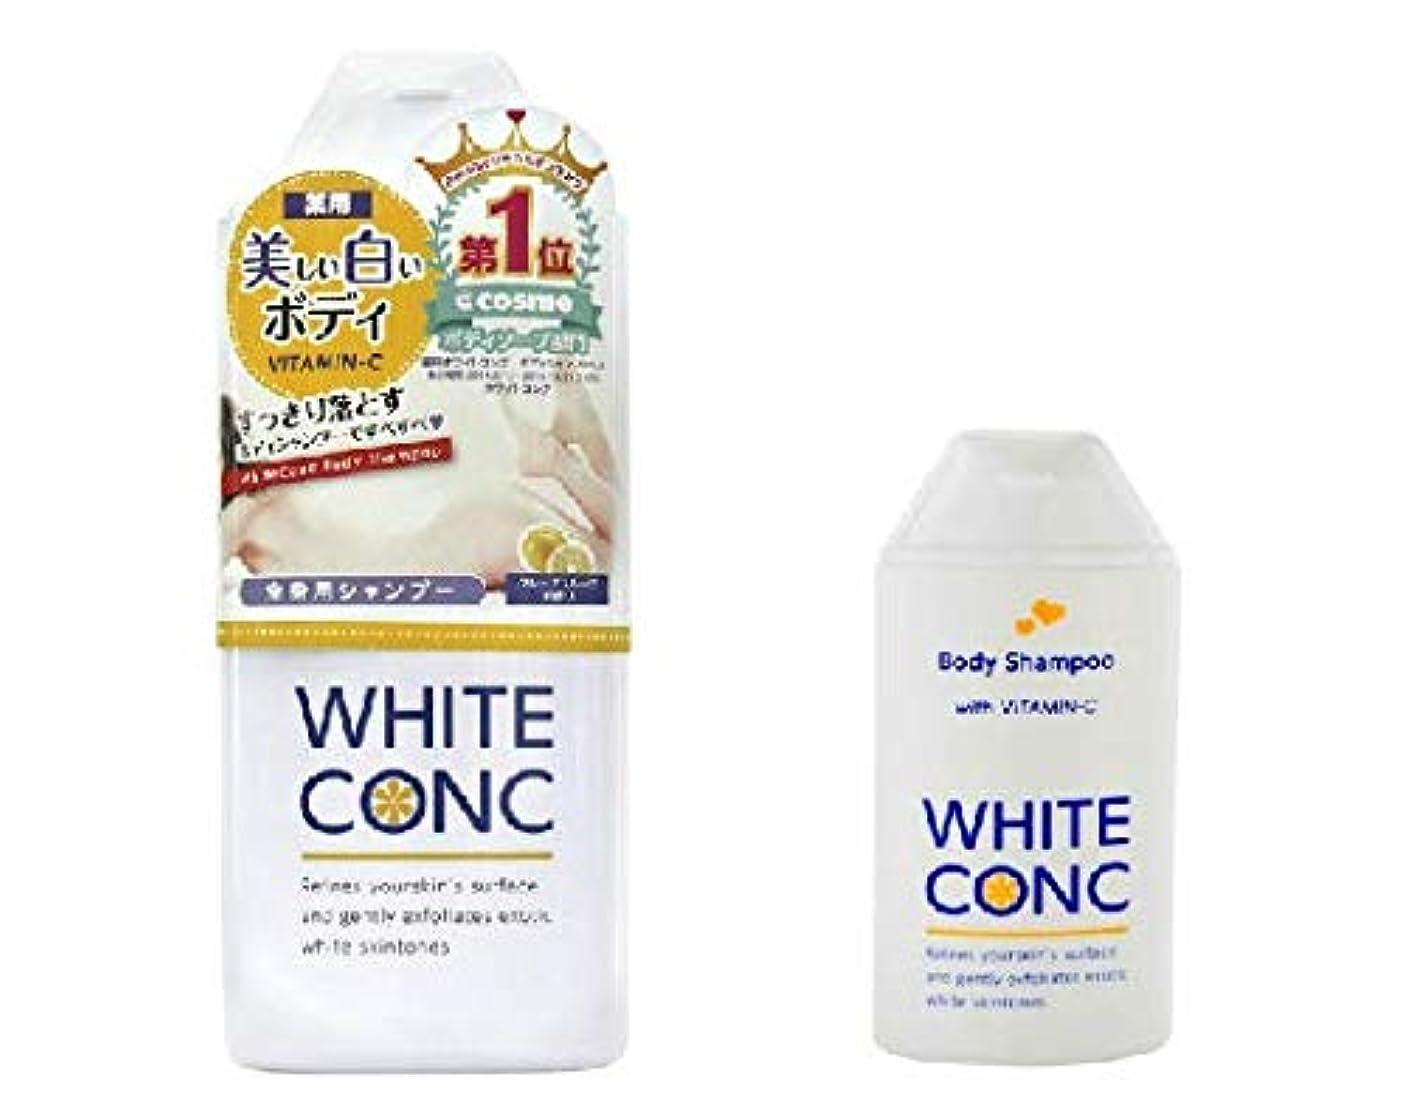 許さない羽研究所【WHITE CONC(ホワイトコンク)】 ボディシャンプーC Ⅱ_360mL1本&150mL1本